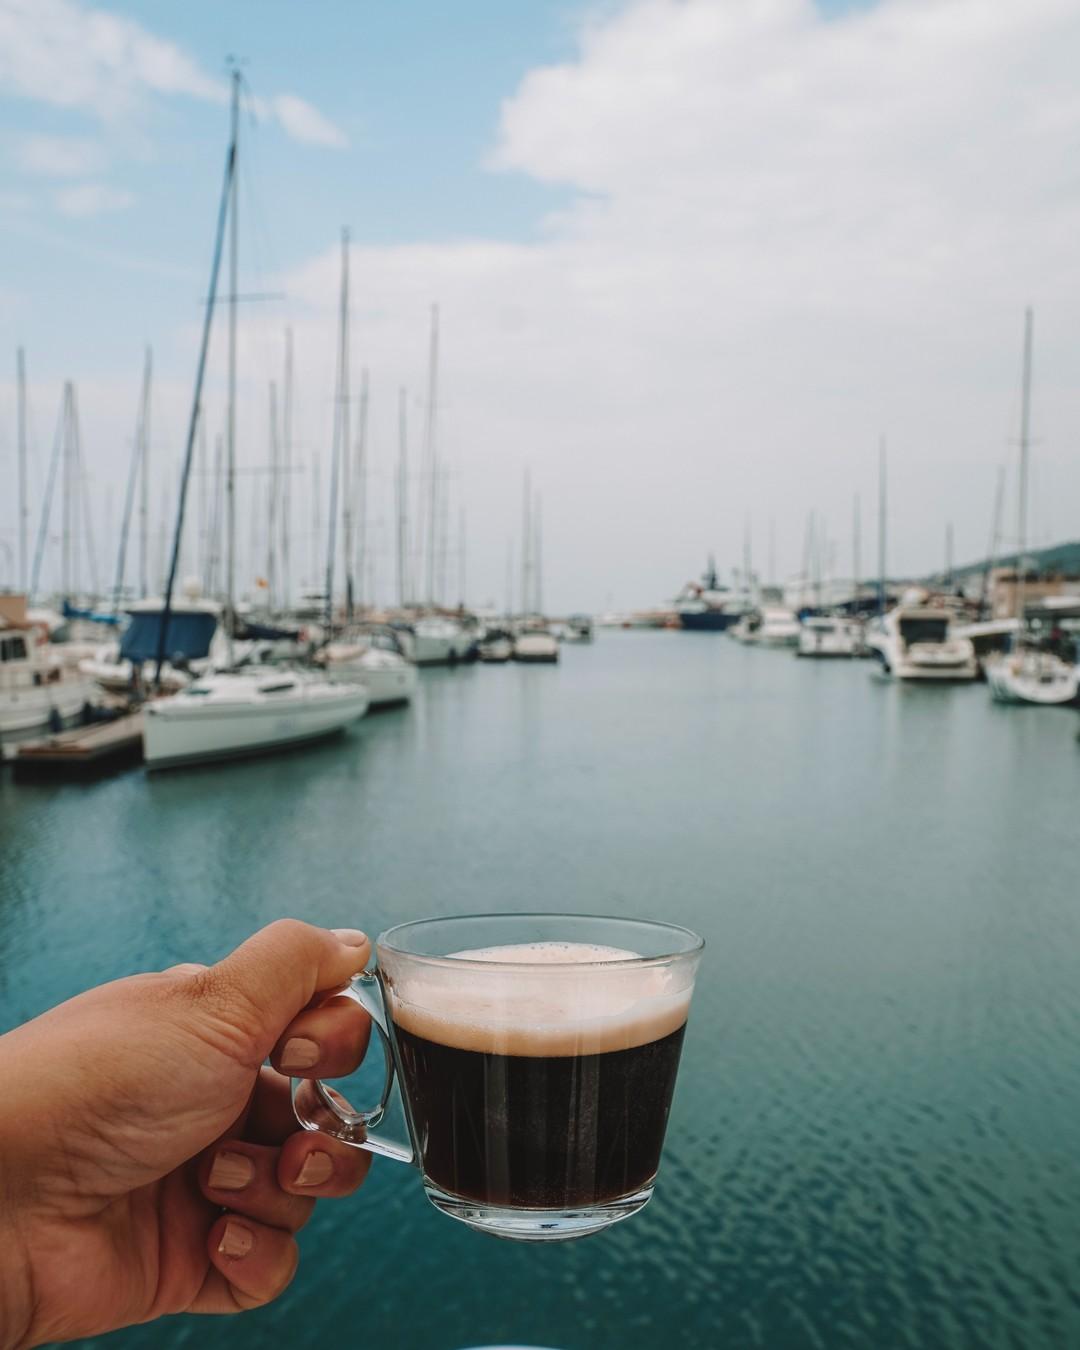 Kawa i morska woda. Te dwie ciecze mają na nas szczególnie kojący wpływ. #weekend #żagle #kawa #poland #coffee #polishgirl #coffeetime #sailing #instagood #polska #coffeelover #photooftheday #cafe #travel #trip #happy #boat #espresso #photography #żeglarstwo #happymoment #morningcoffee #happinessisachoice #saltywater #seaview #morningatthebeach #wearesailing #kawa #porannakawa #dziendobry